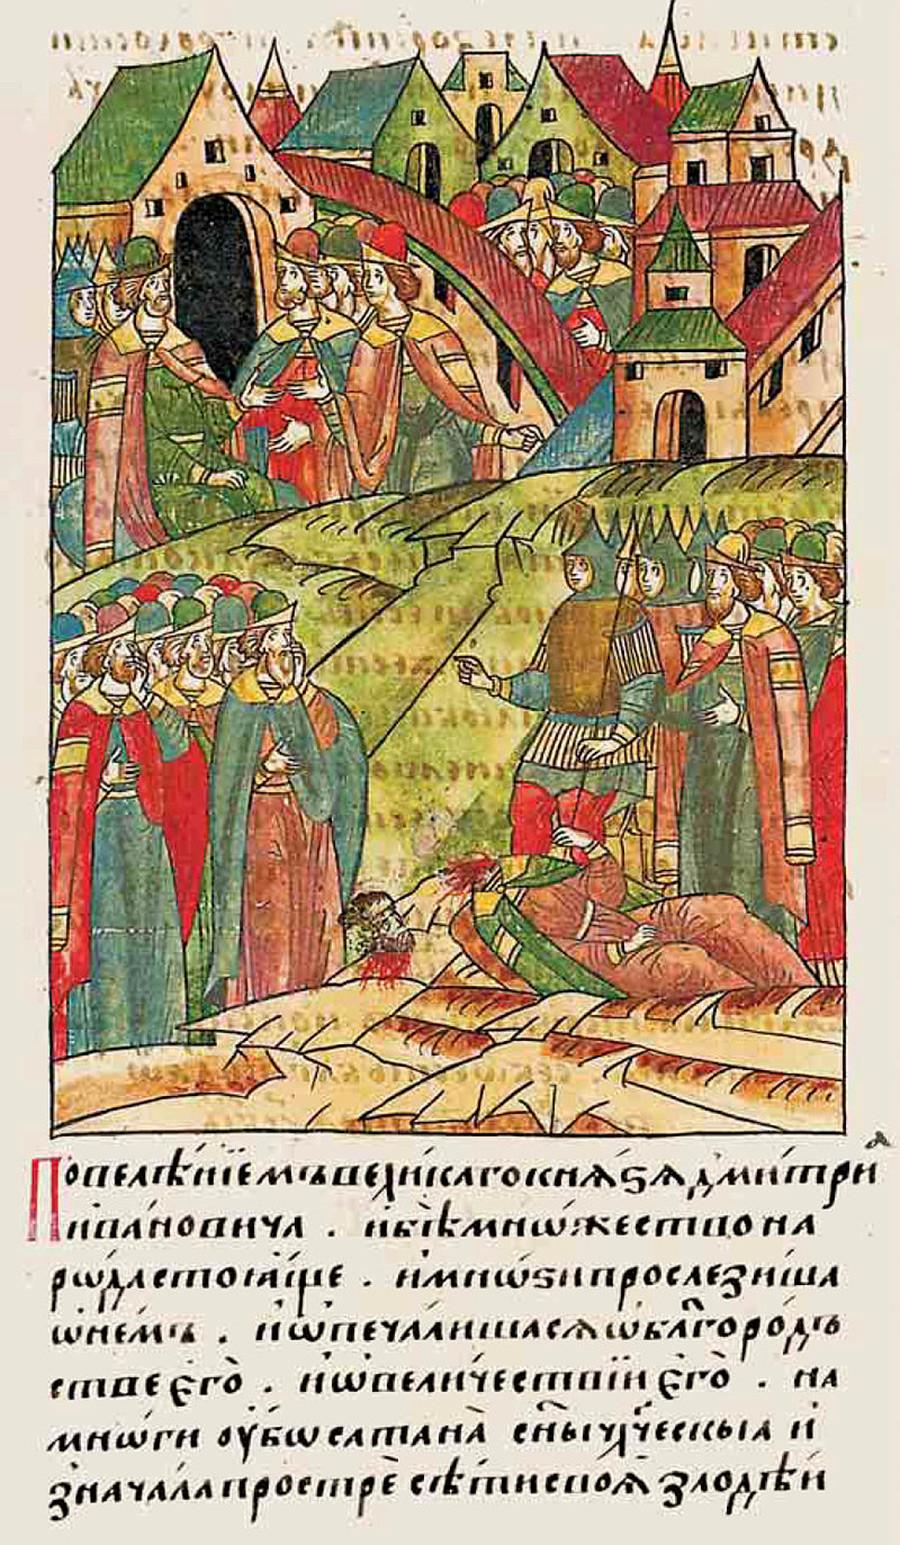 Una delle prime esecuzioni pubbliche della storia russa raffigurata nelle cronache dell'epoca